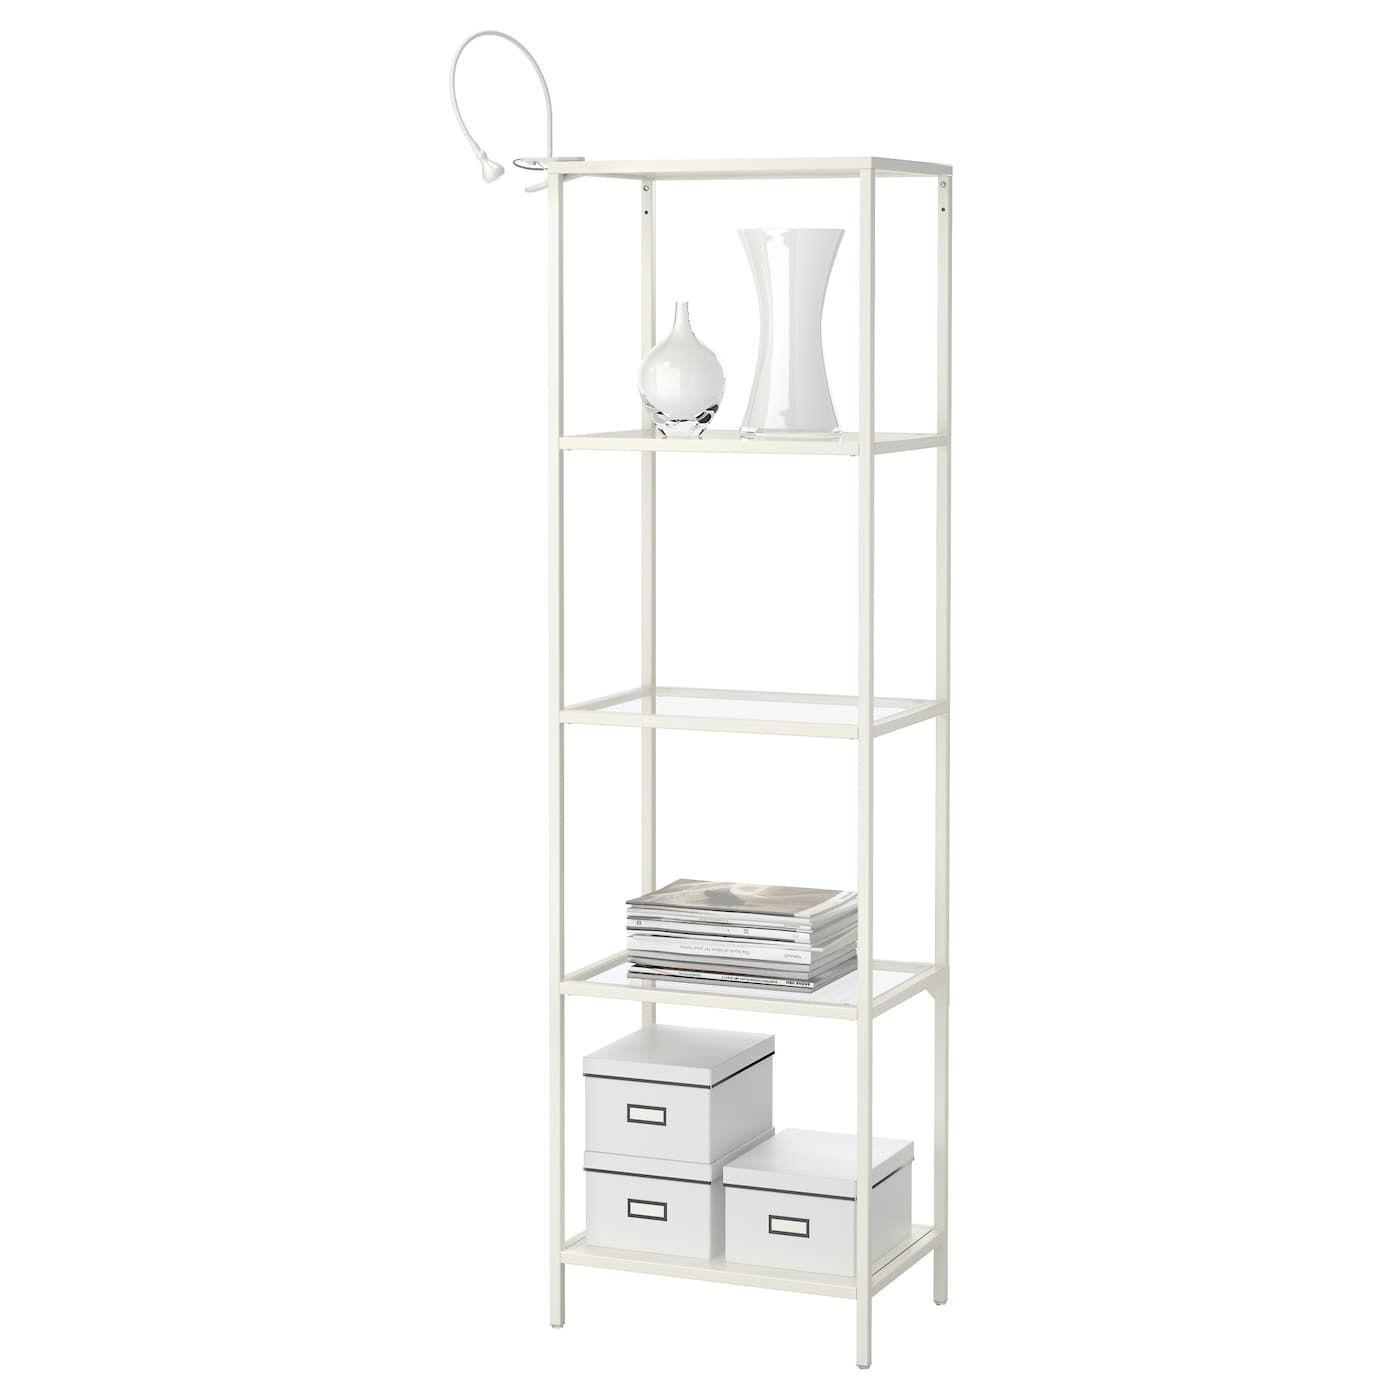 VITTSJÖ Shelf unit white, glass 20 1